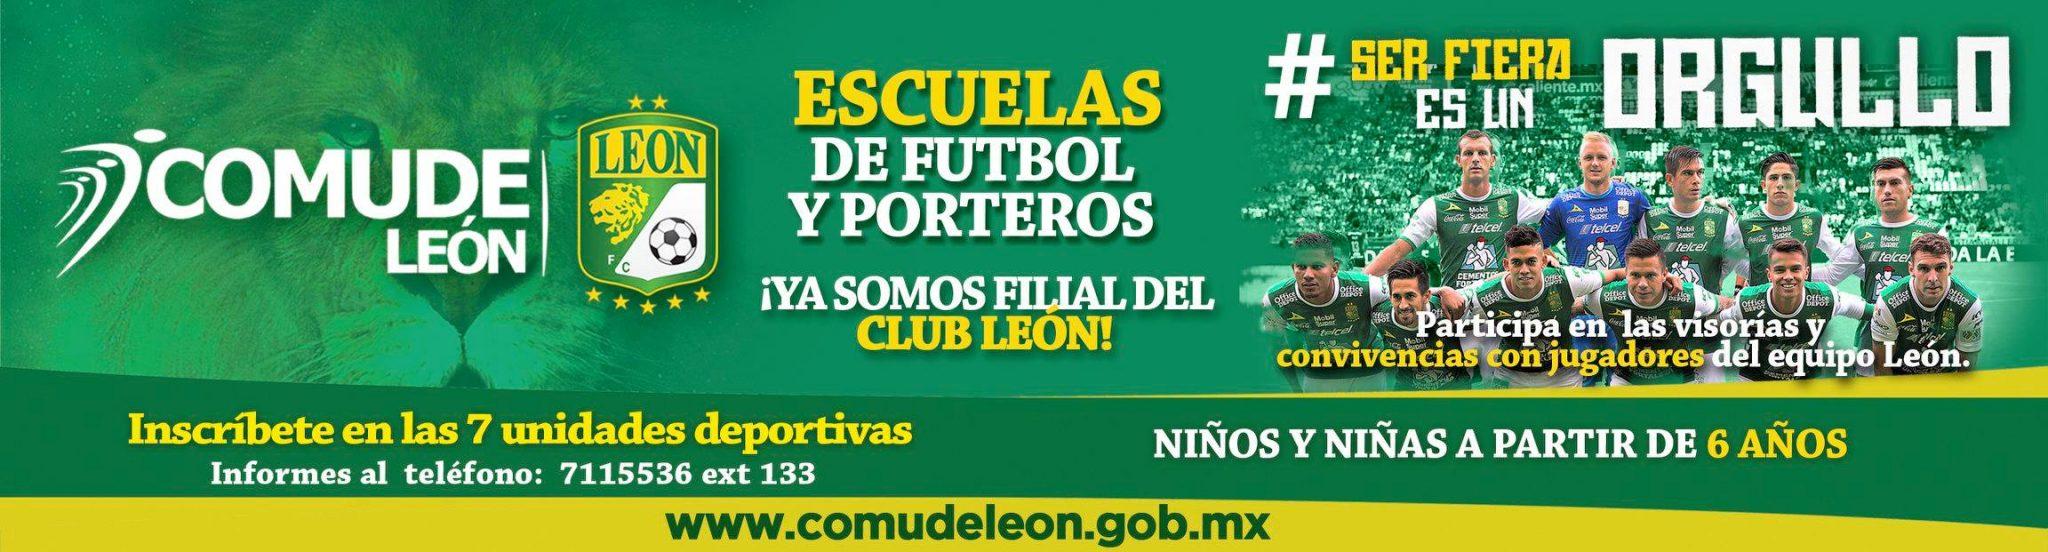 Escuela de Futbol y Porteros Filial del CLub León